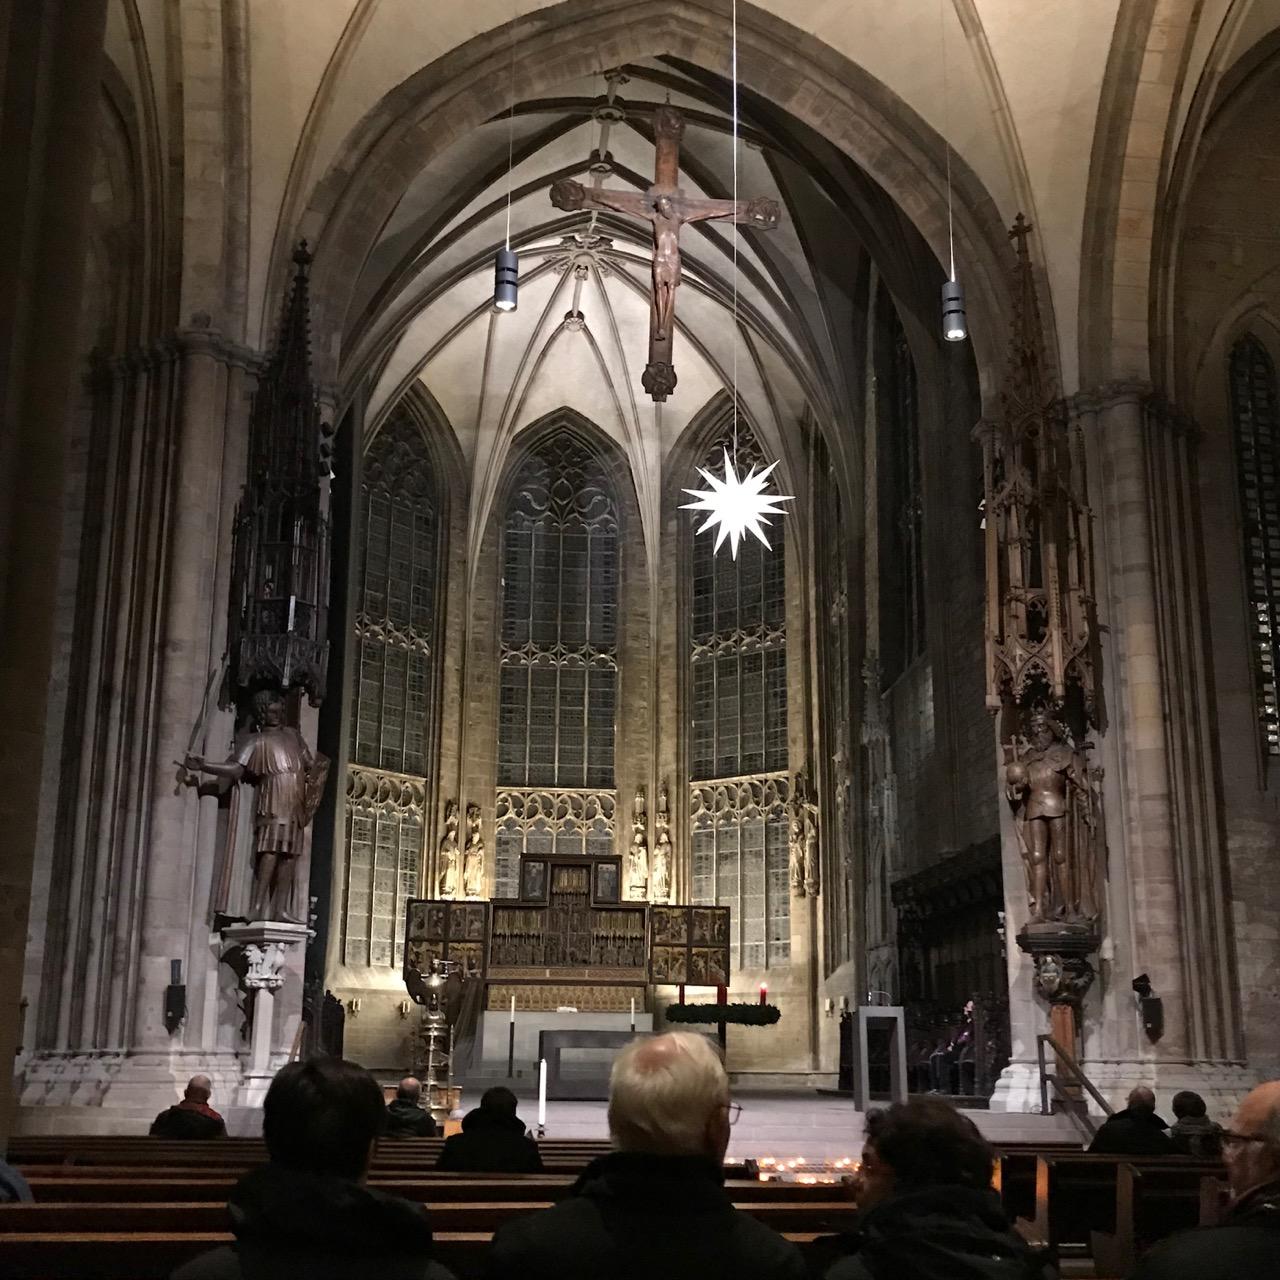 Viertelsternstunde: Blick in den Kirchenraum der Reinoldikirche in Dortmund